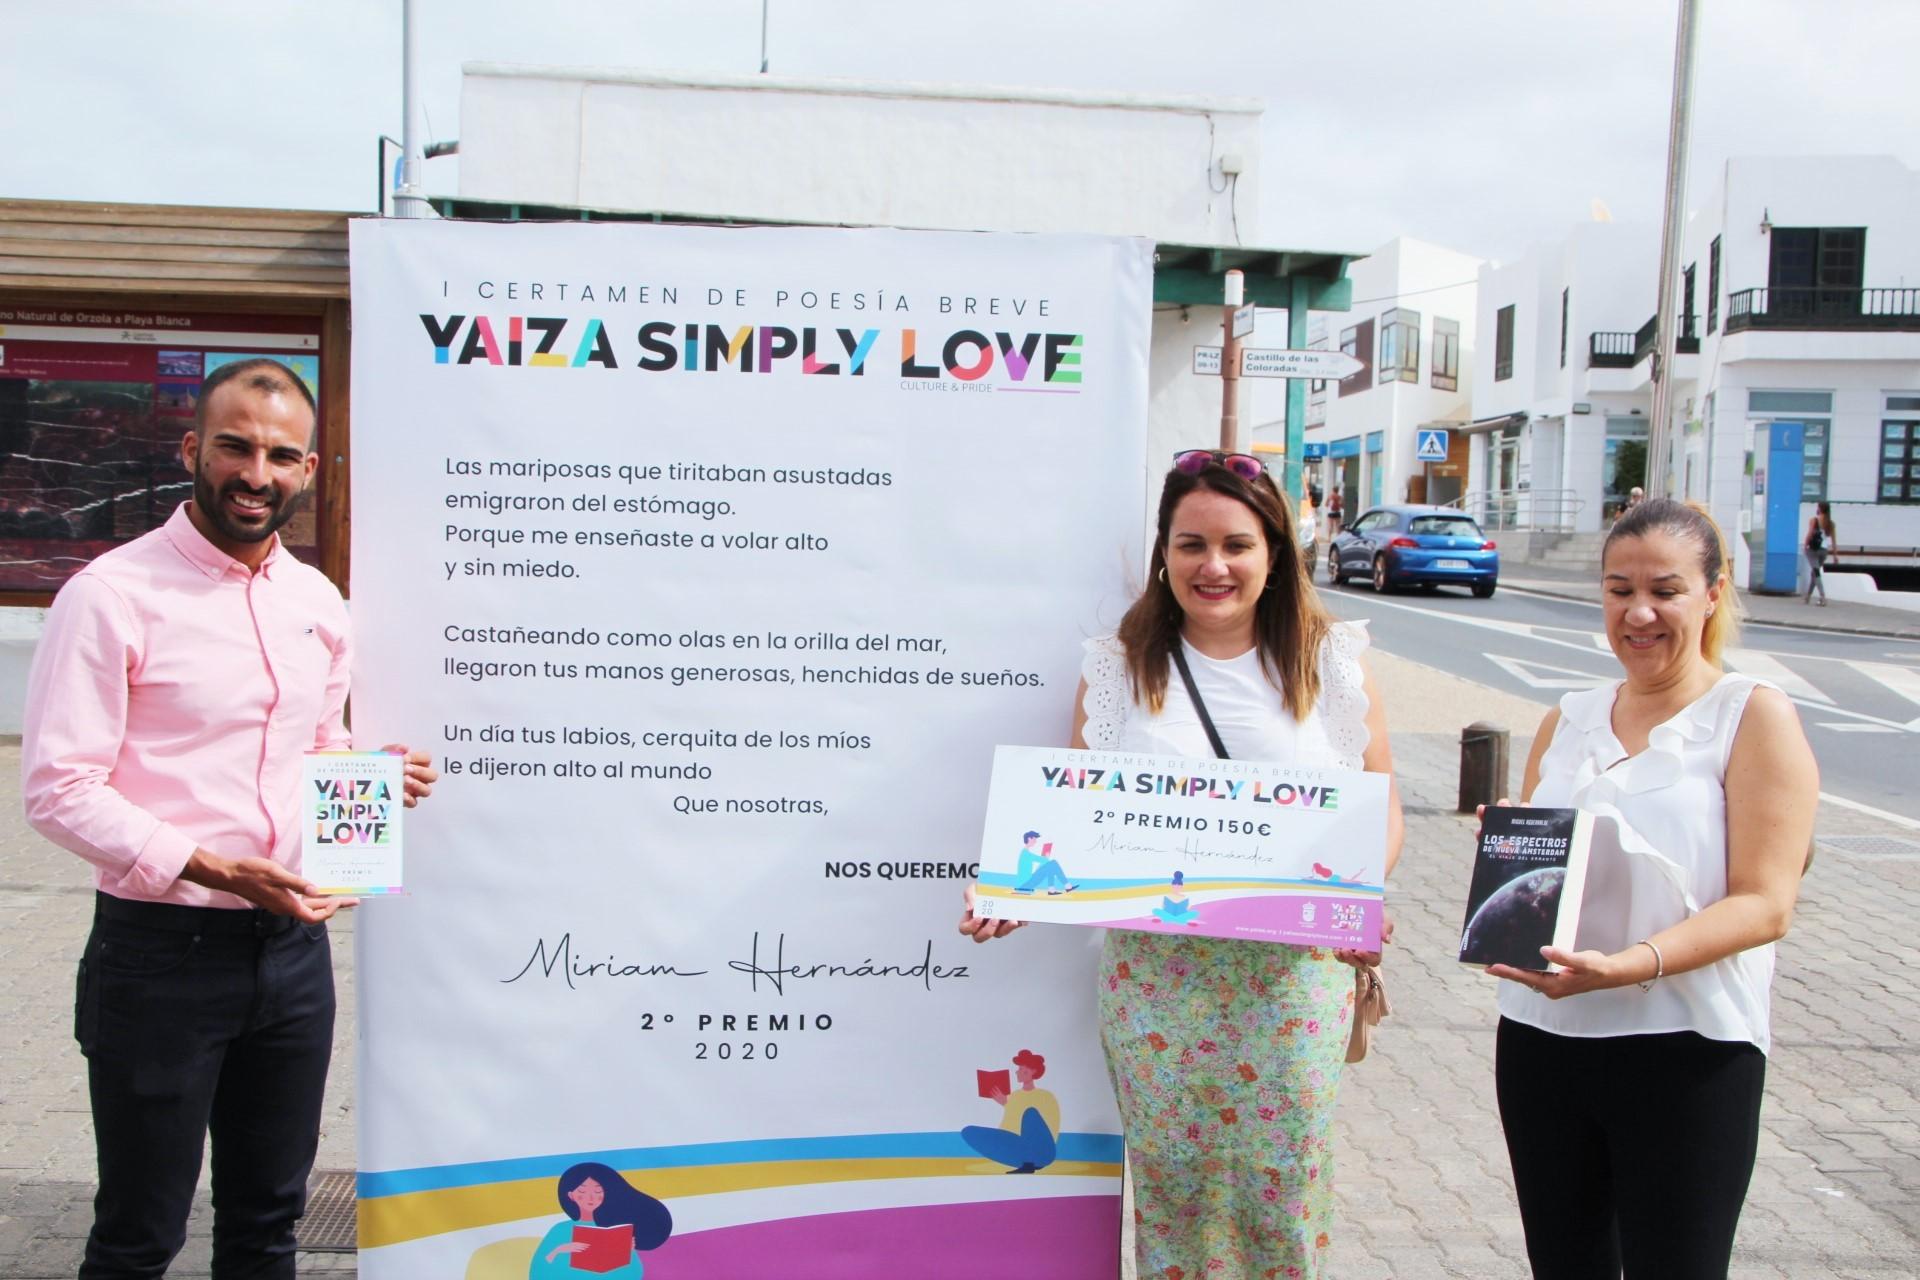 El Yaiza Simply Love premia a las dos ganadoras de su primer Certamen de Poesía Breve